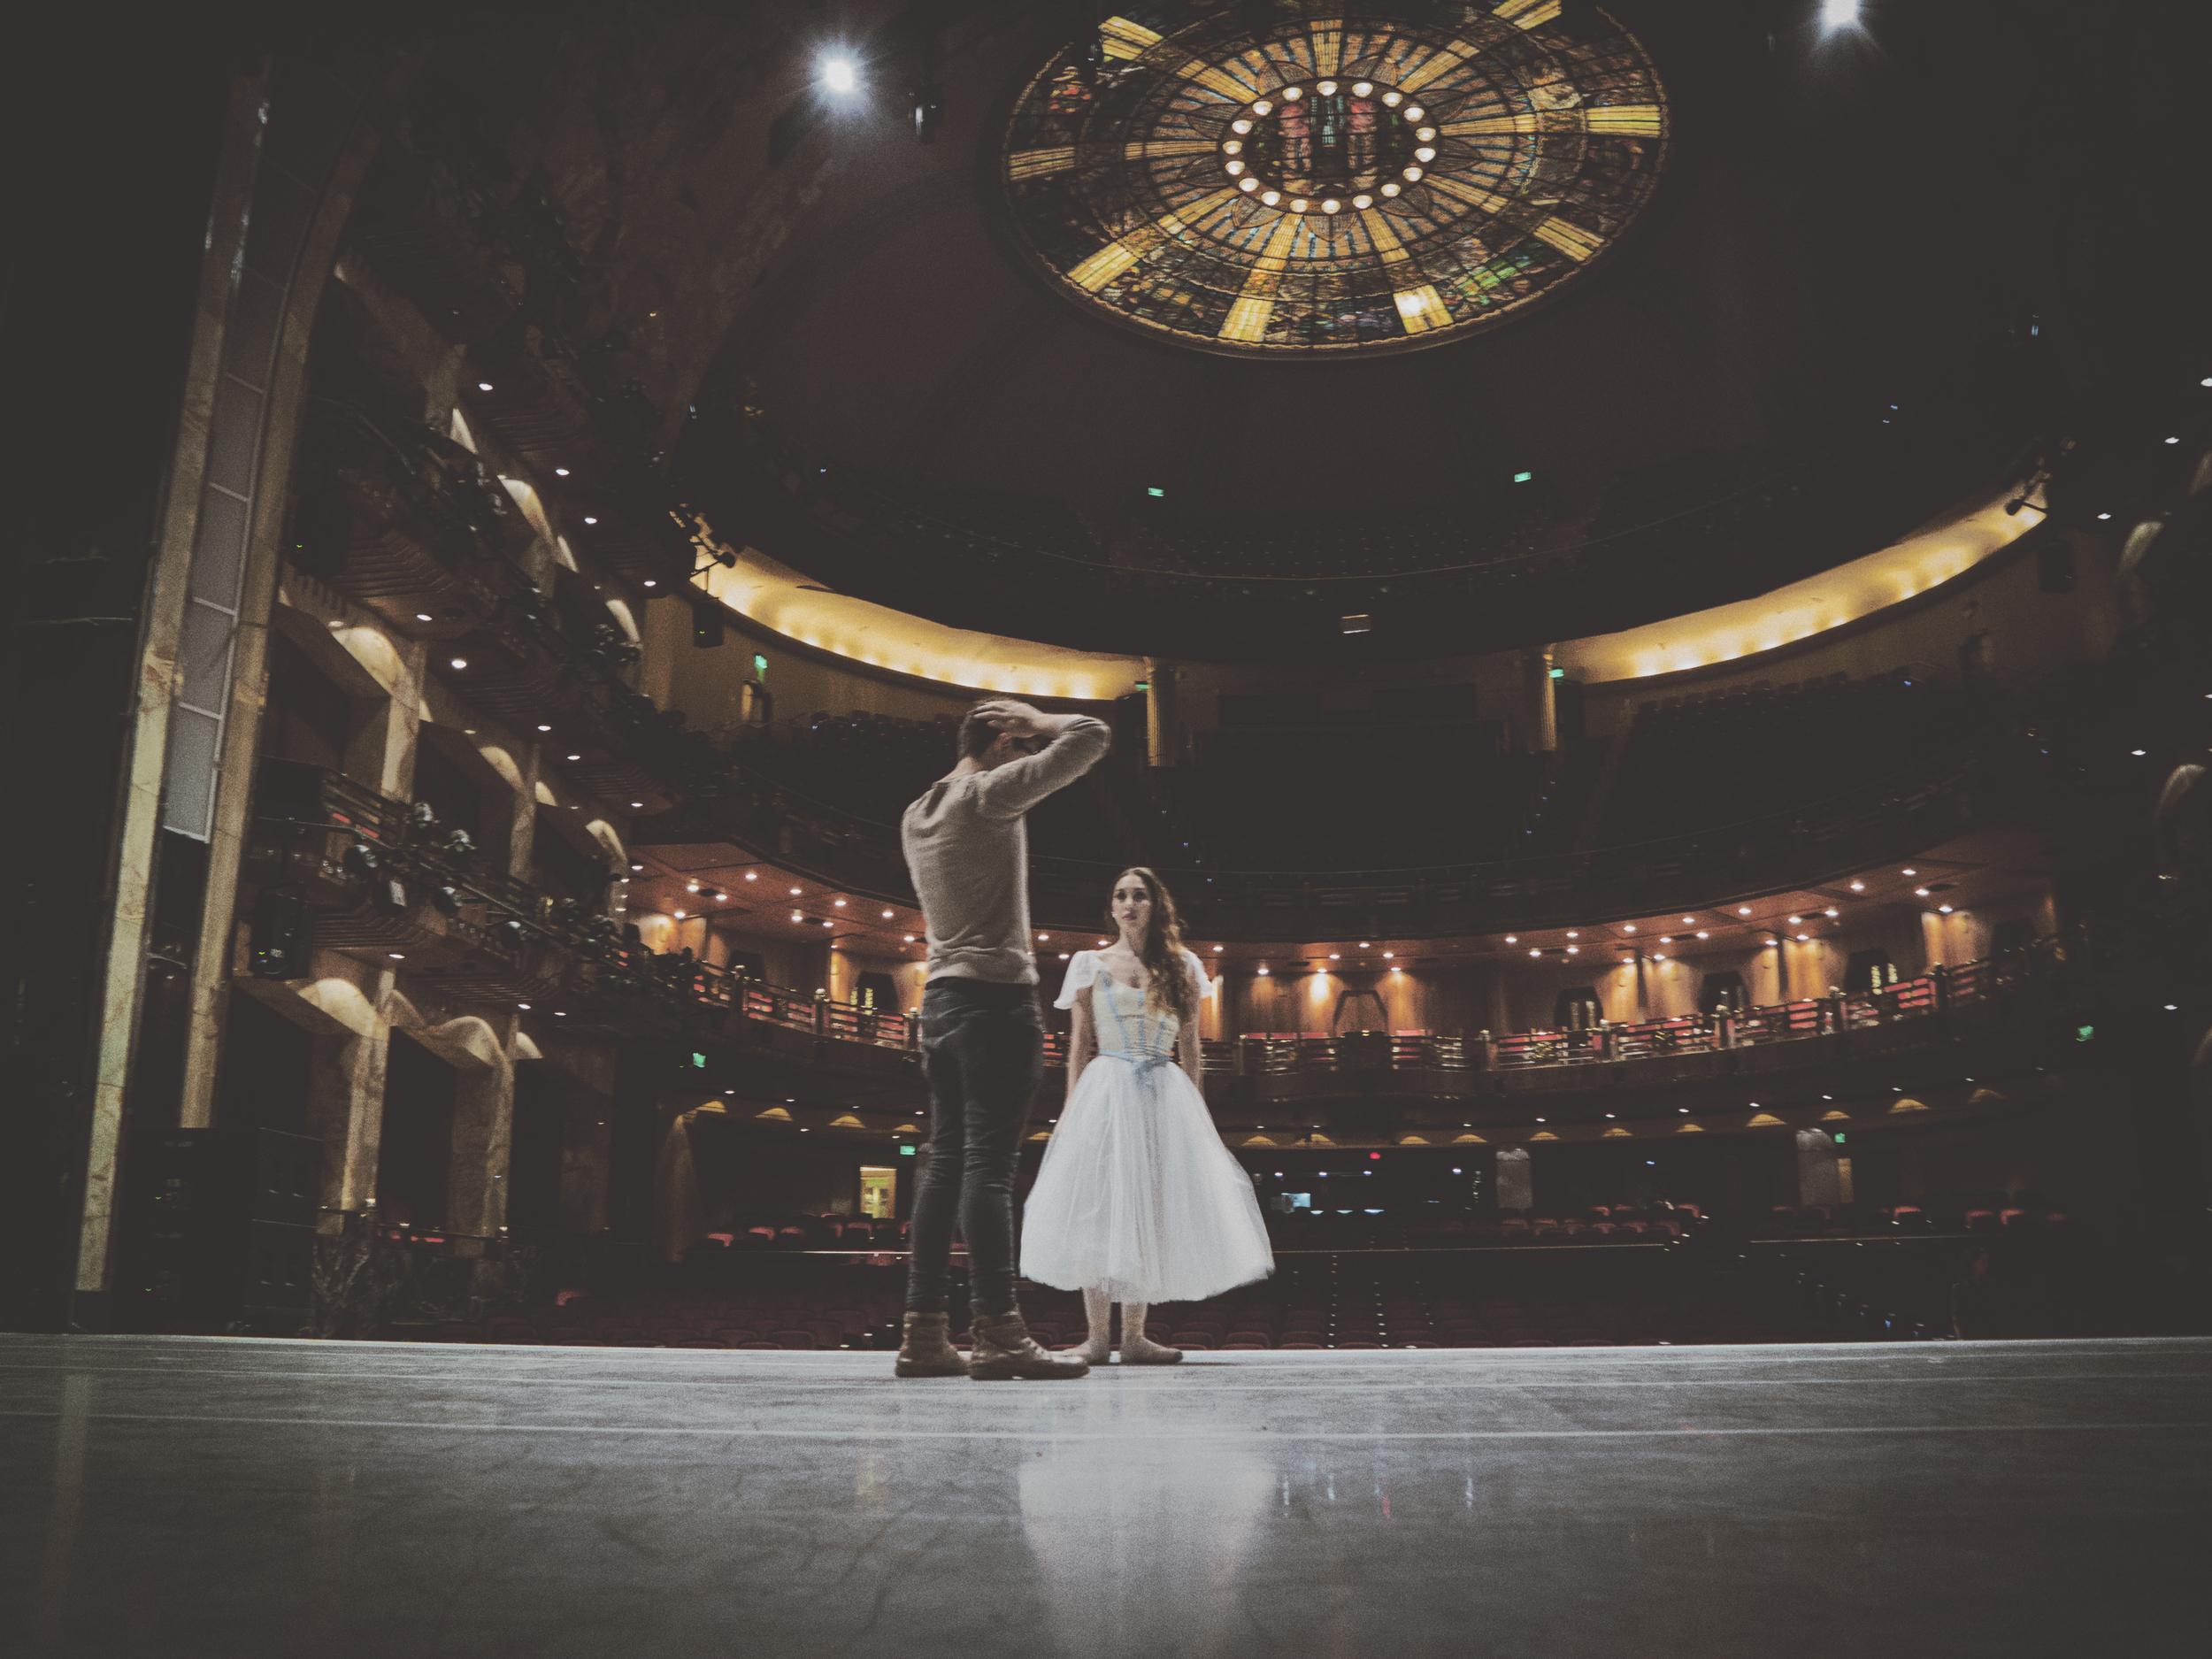 La bailarina Sonia Jimenez en una sesión de fotos antes de la función con el fotógrafo Carlos Quezada.